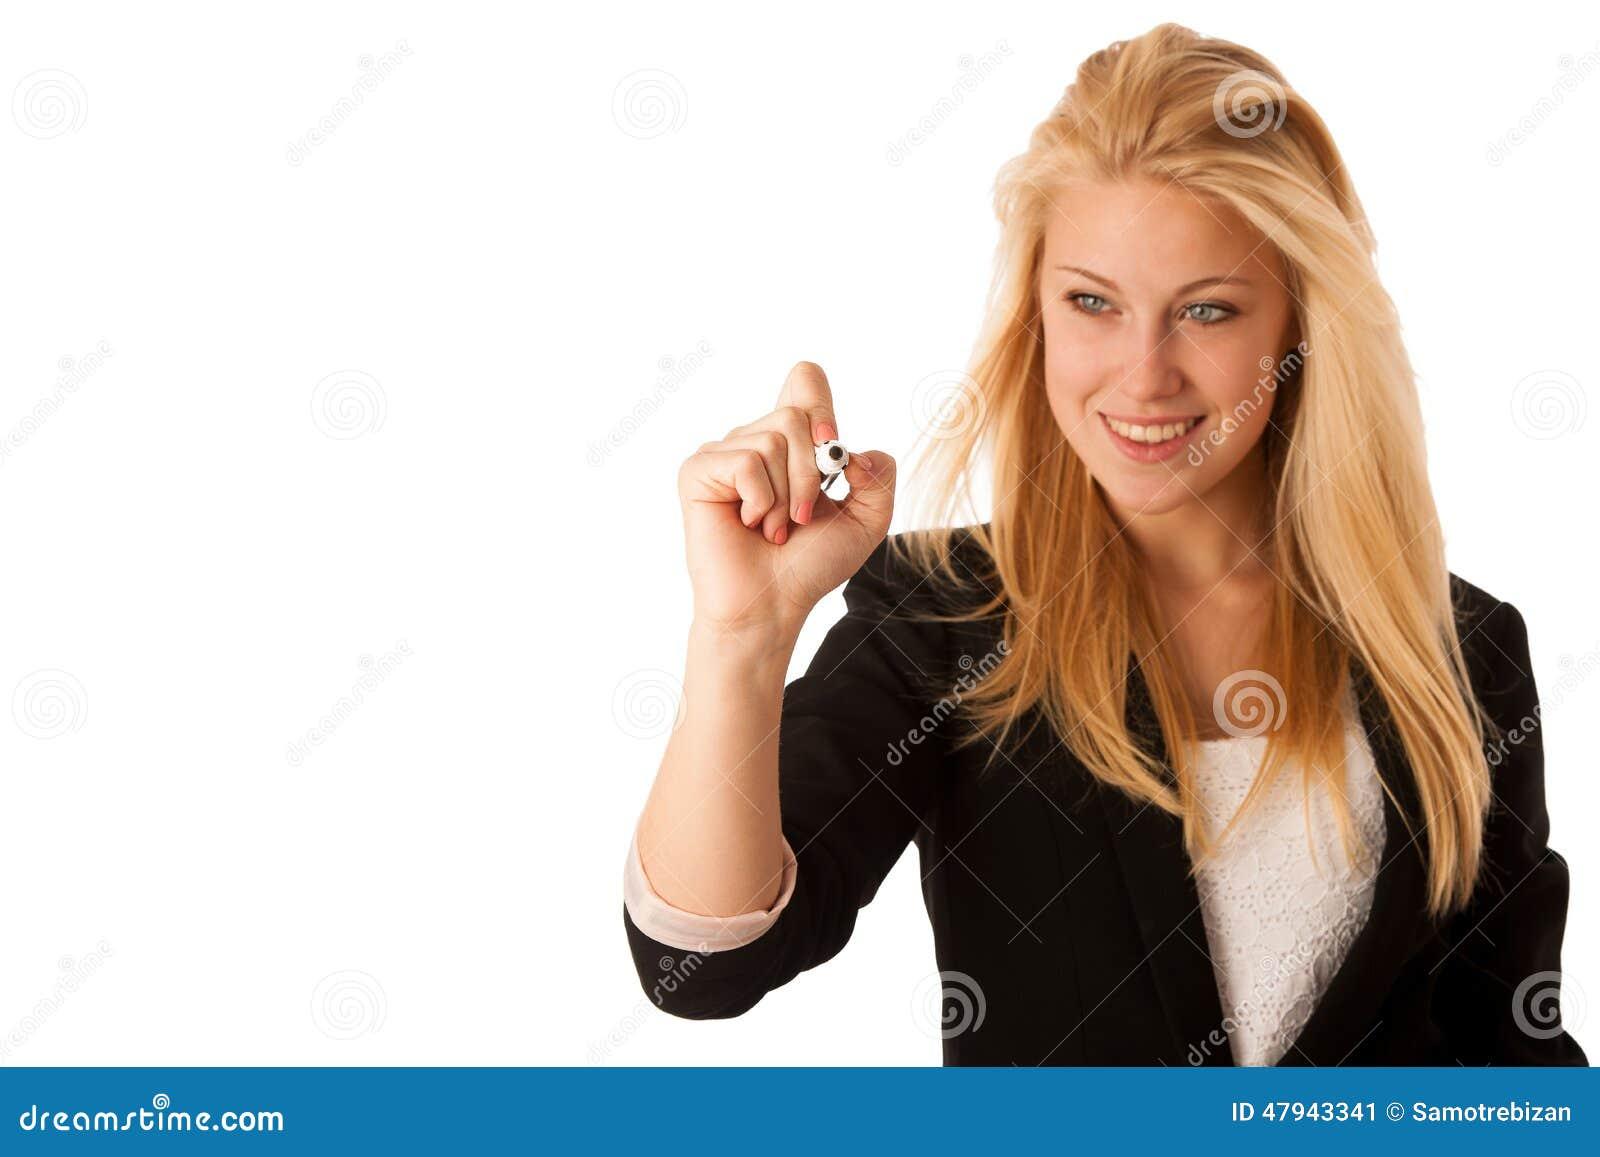 junge blonde gesch ftsfrau mit blauen augen schreibt auf ein glas ta stockfoto bild 47943341. Black Bedroom Furniture Sets. Home Design Ideas